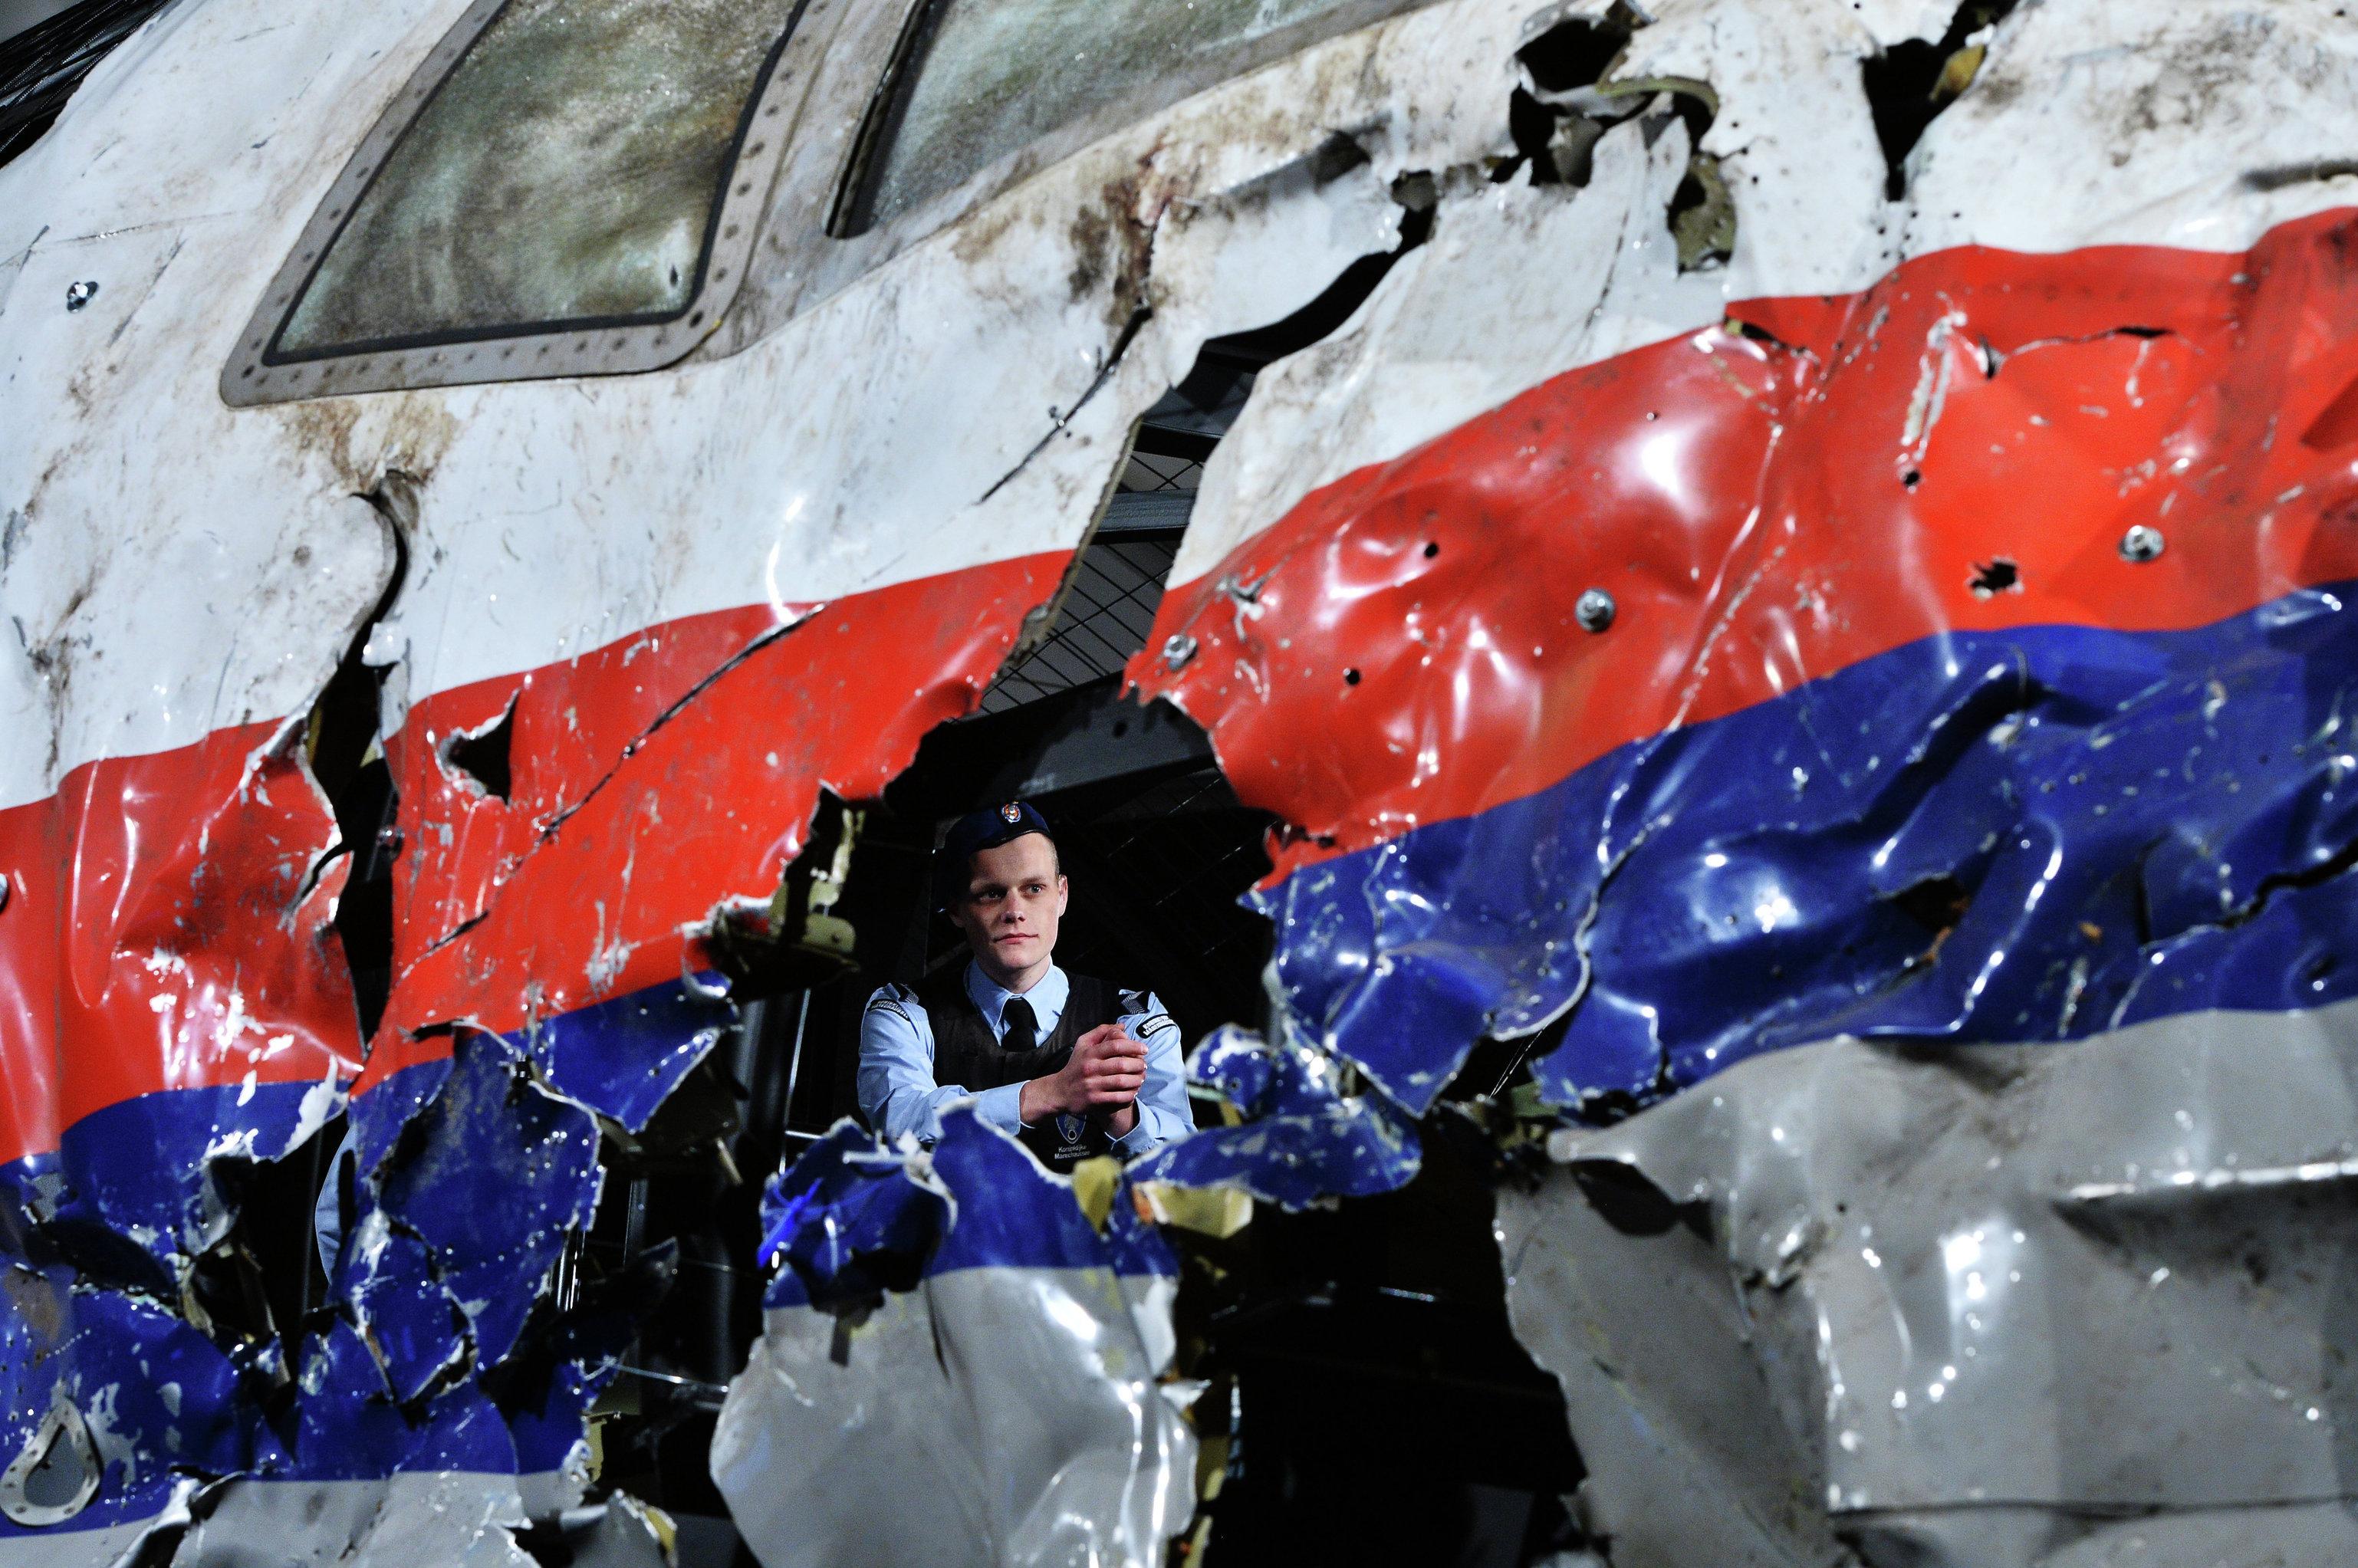 Информационный залп Лубянки перед оглашением результатов расследования по МН17